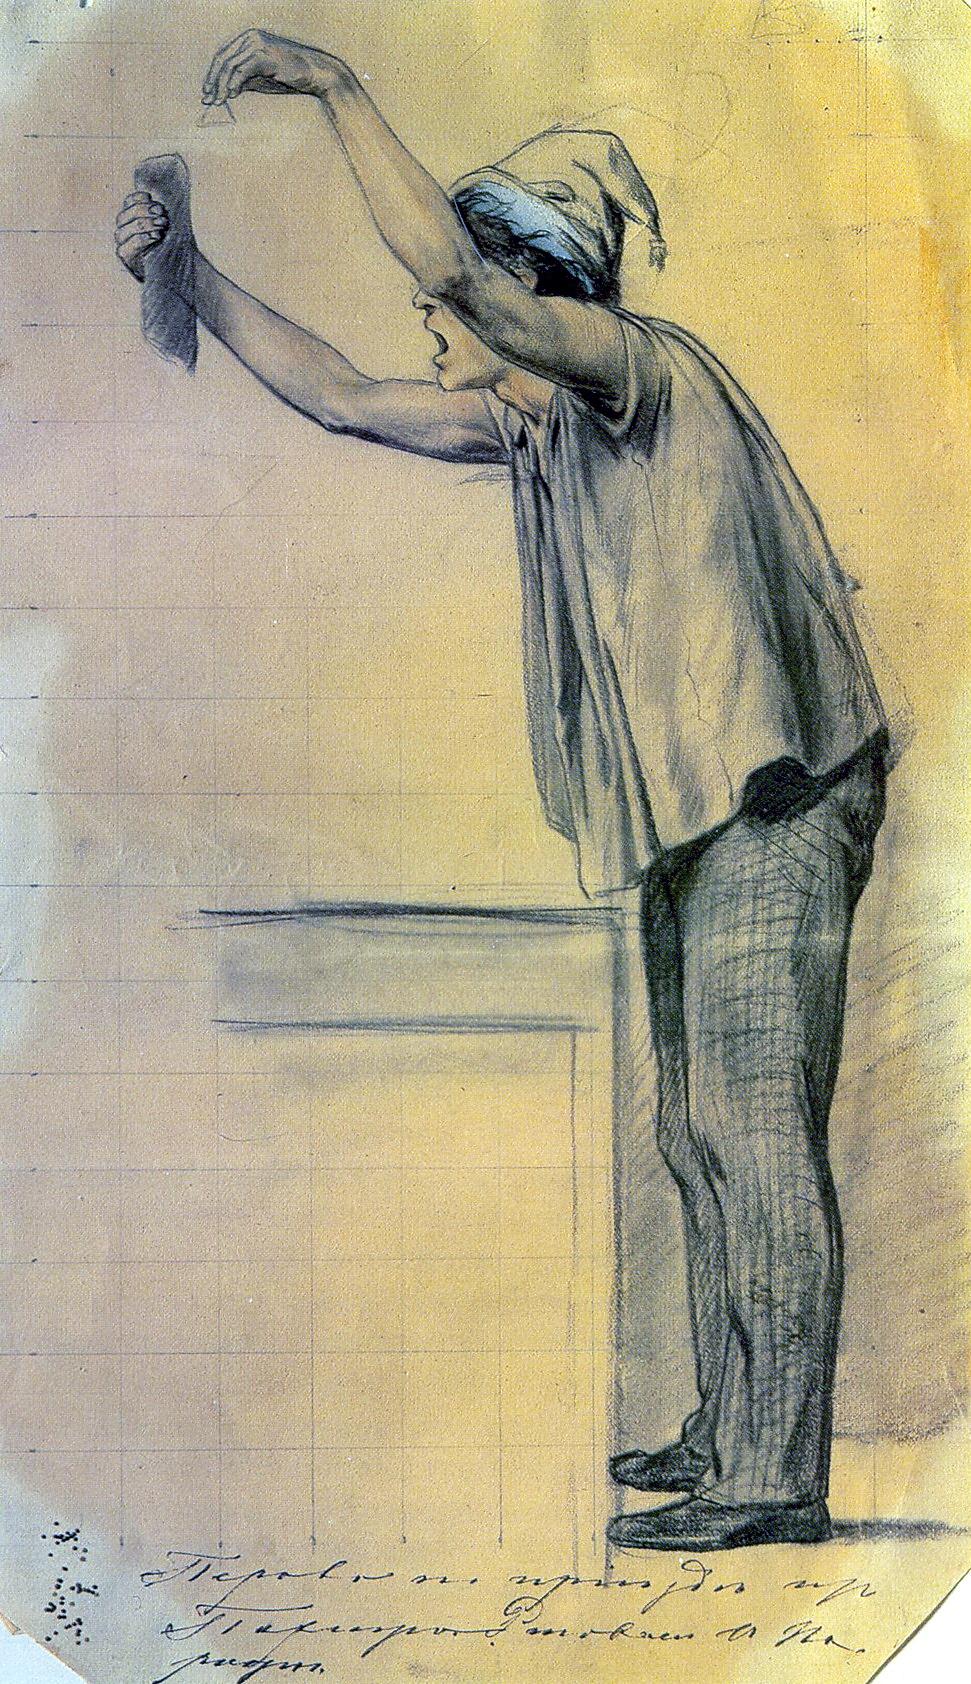 Мальчик с поднятыми руками, обращающийся к публике. Эт. 1864 Рис. 30.7х17.8 ГТГ